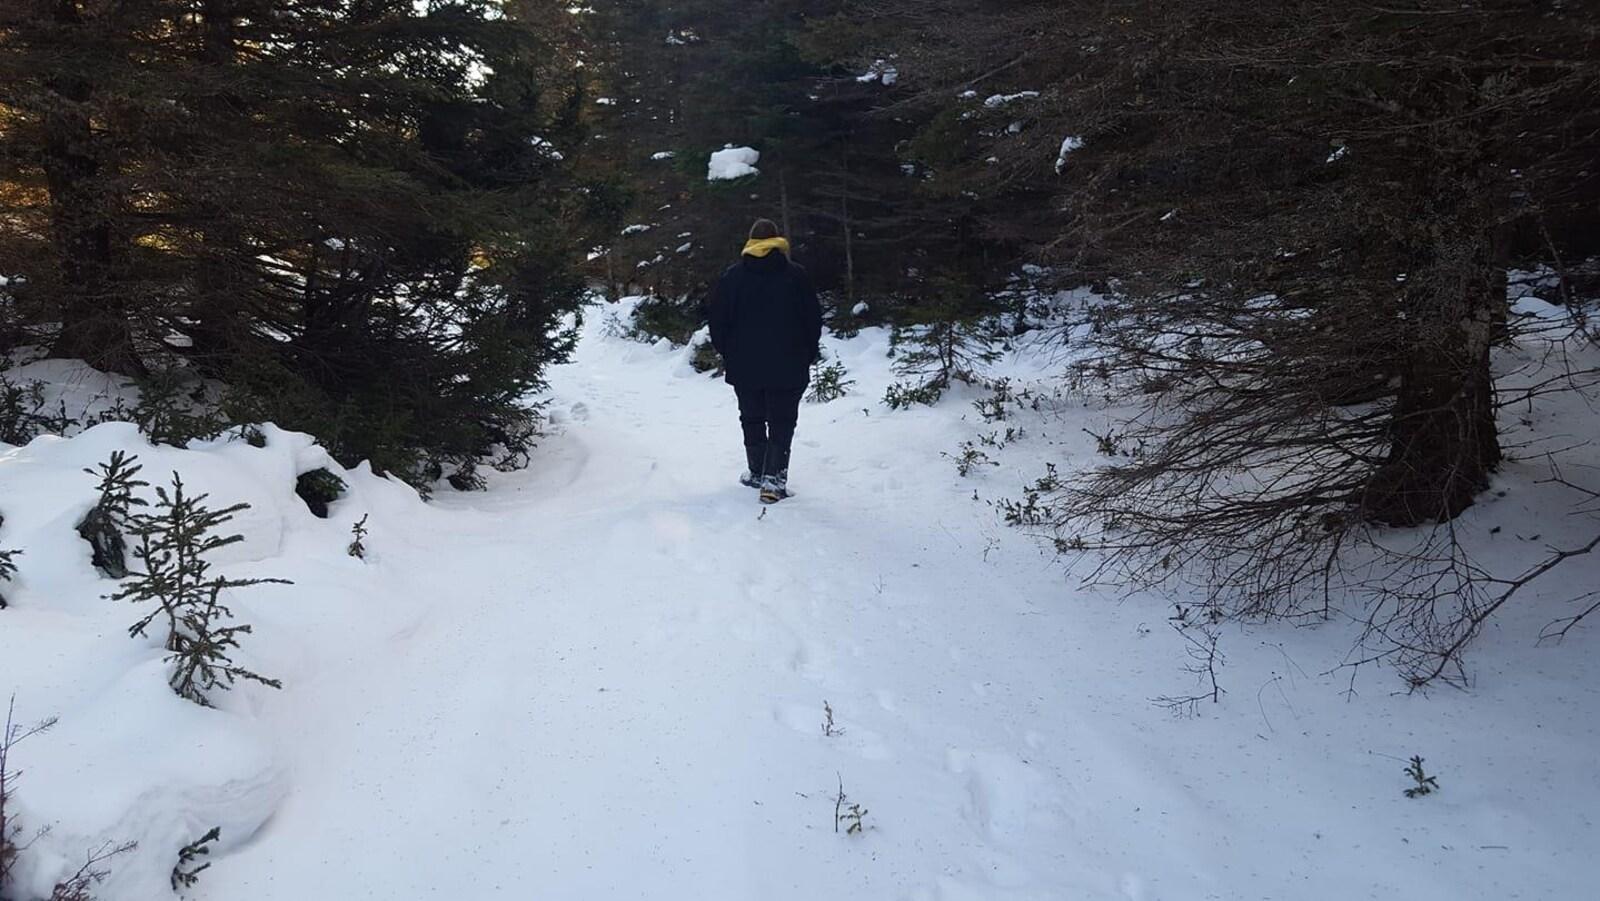 Le jeune homme est de dos, dans un paysage enneigé.